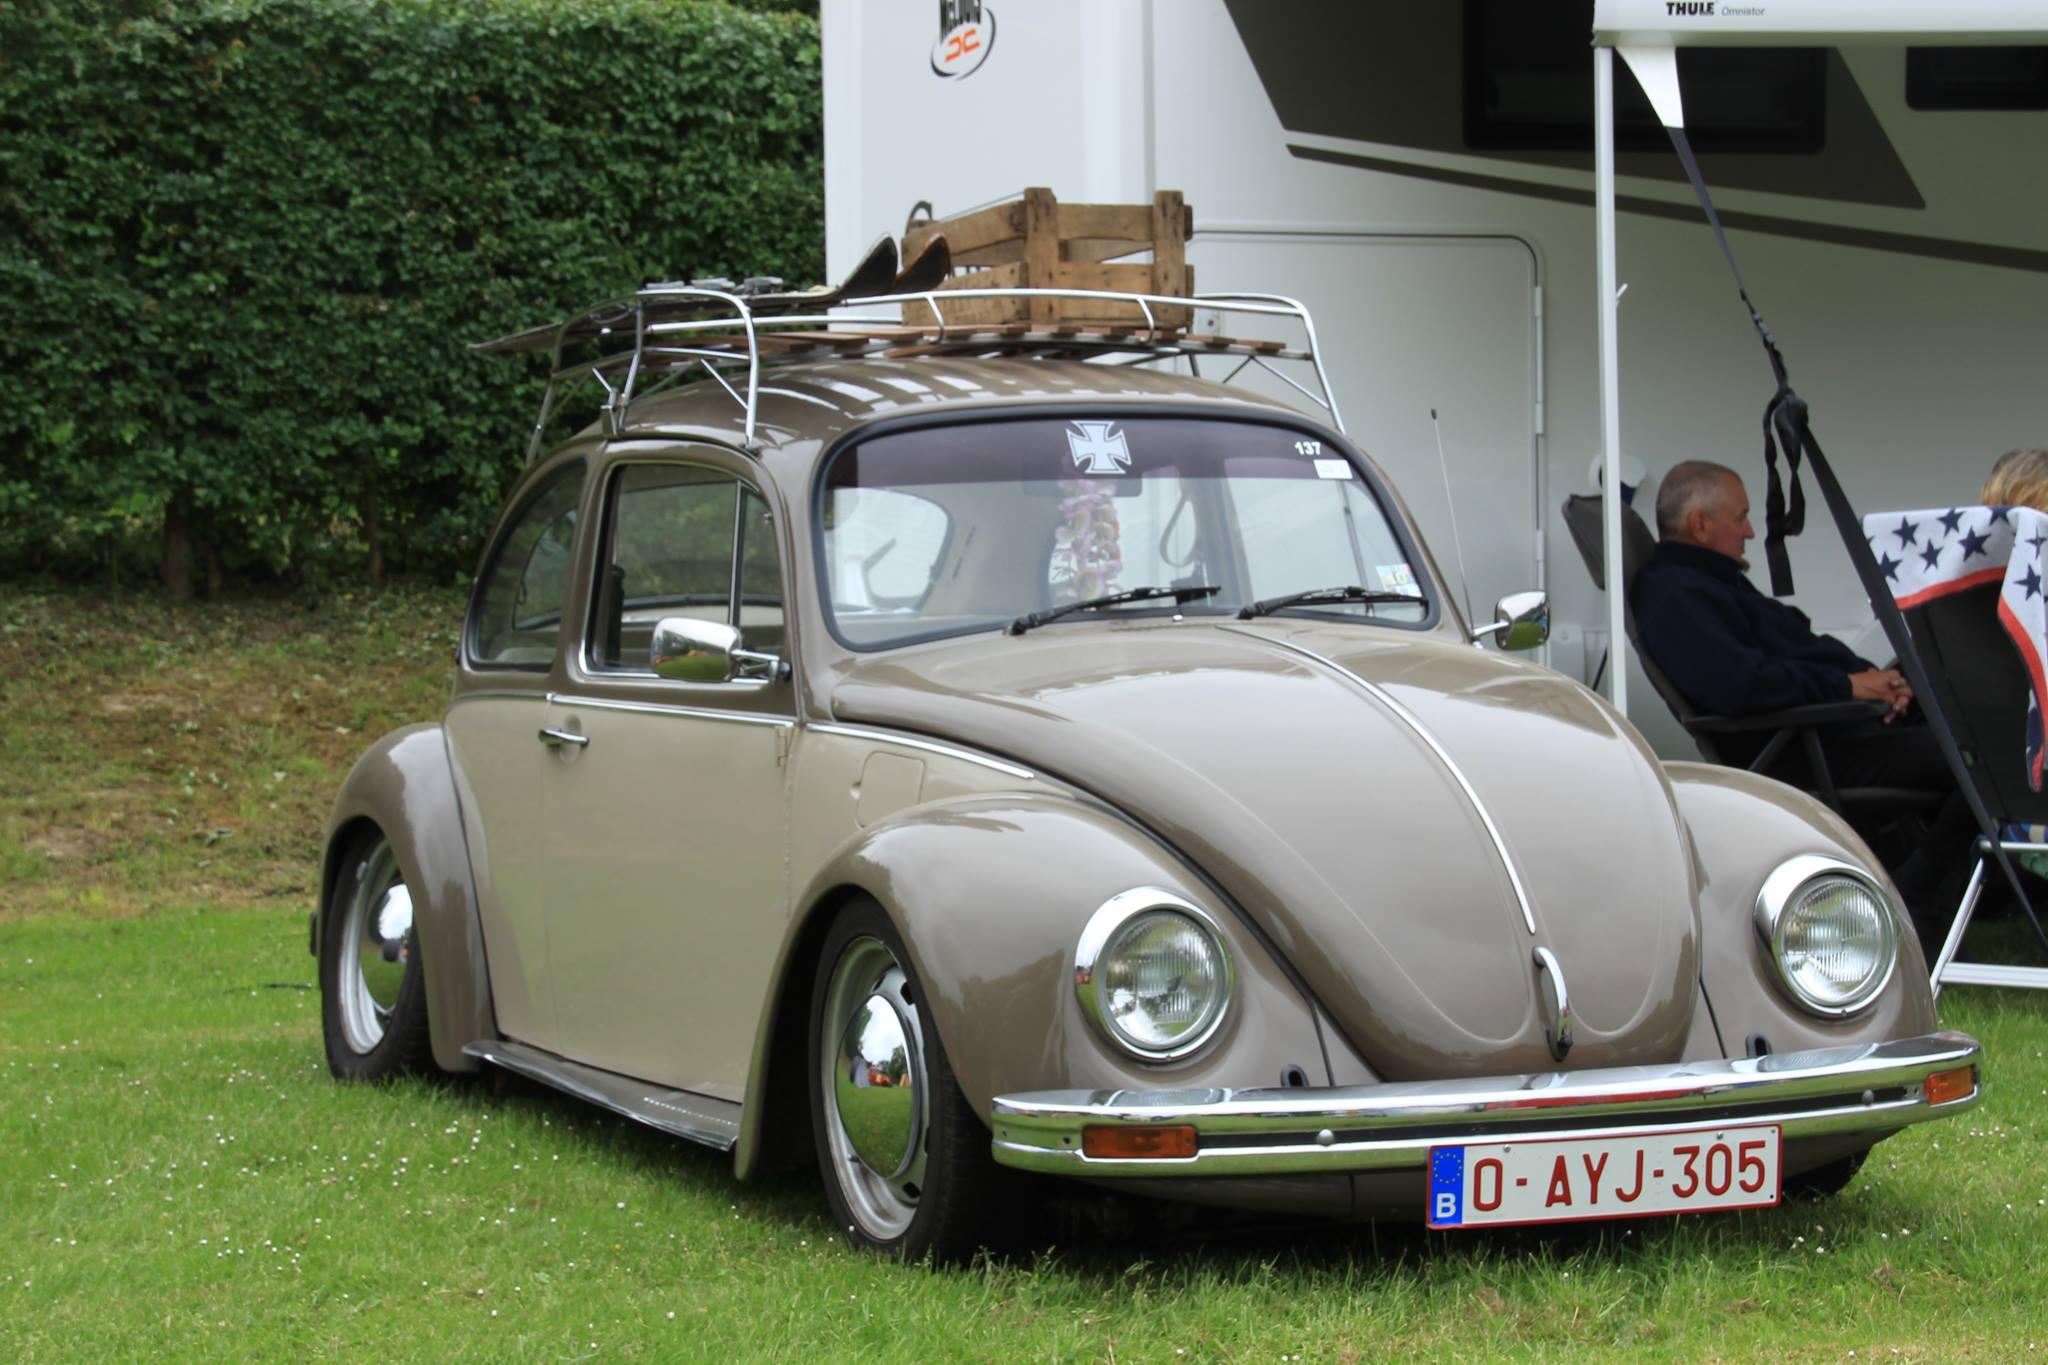 VW-treffen-19-5-2018-in-Meerssen-foto-van-Hub-Schols--5